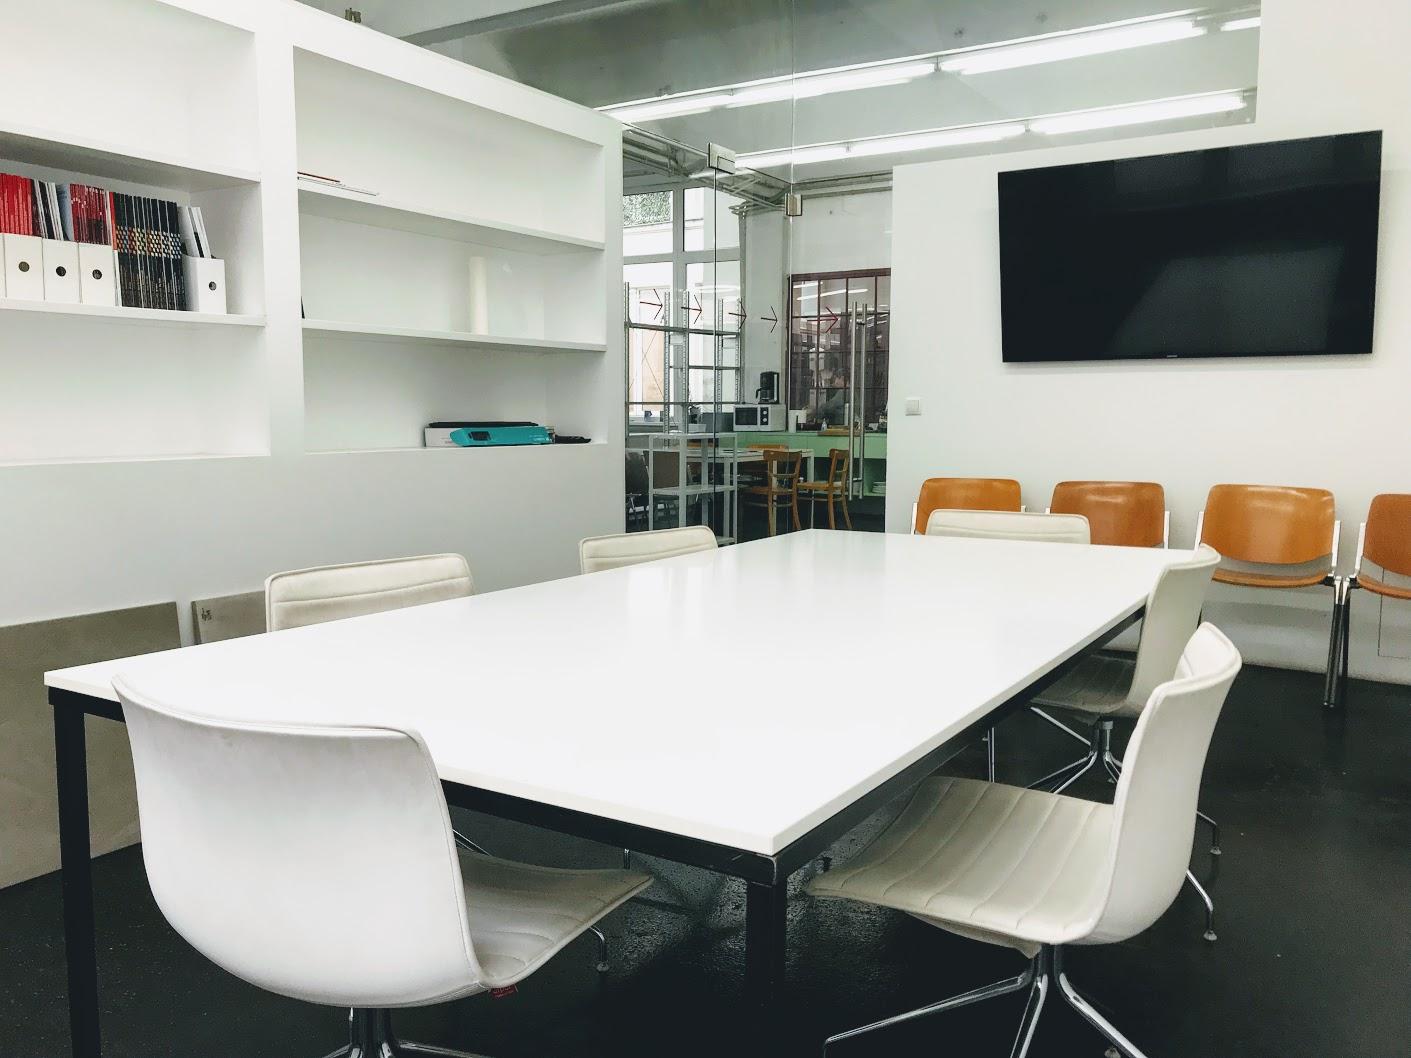 Arbeitsplatz in Ateliergemeinschaft zu vermieten